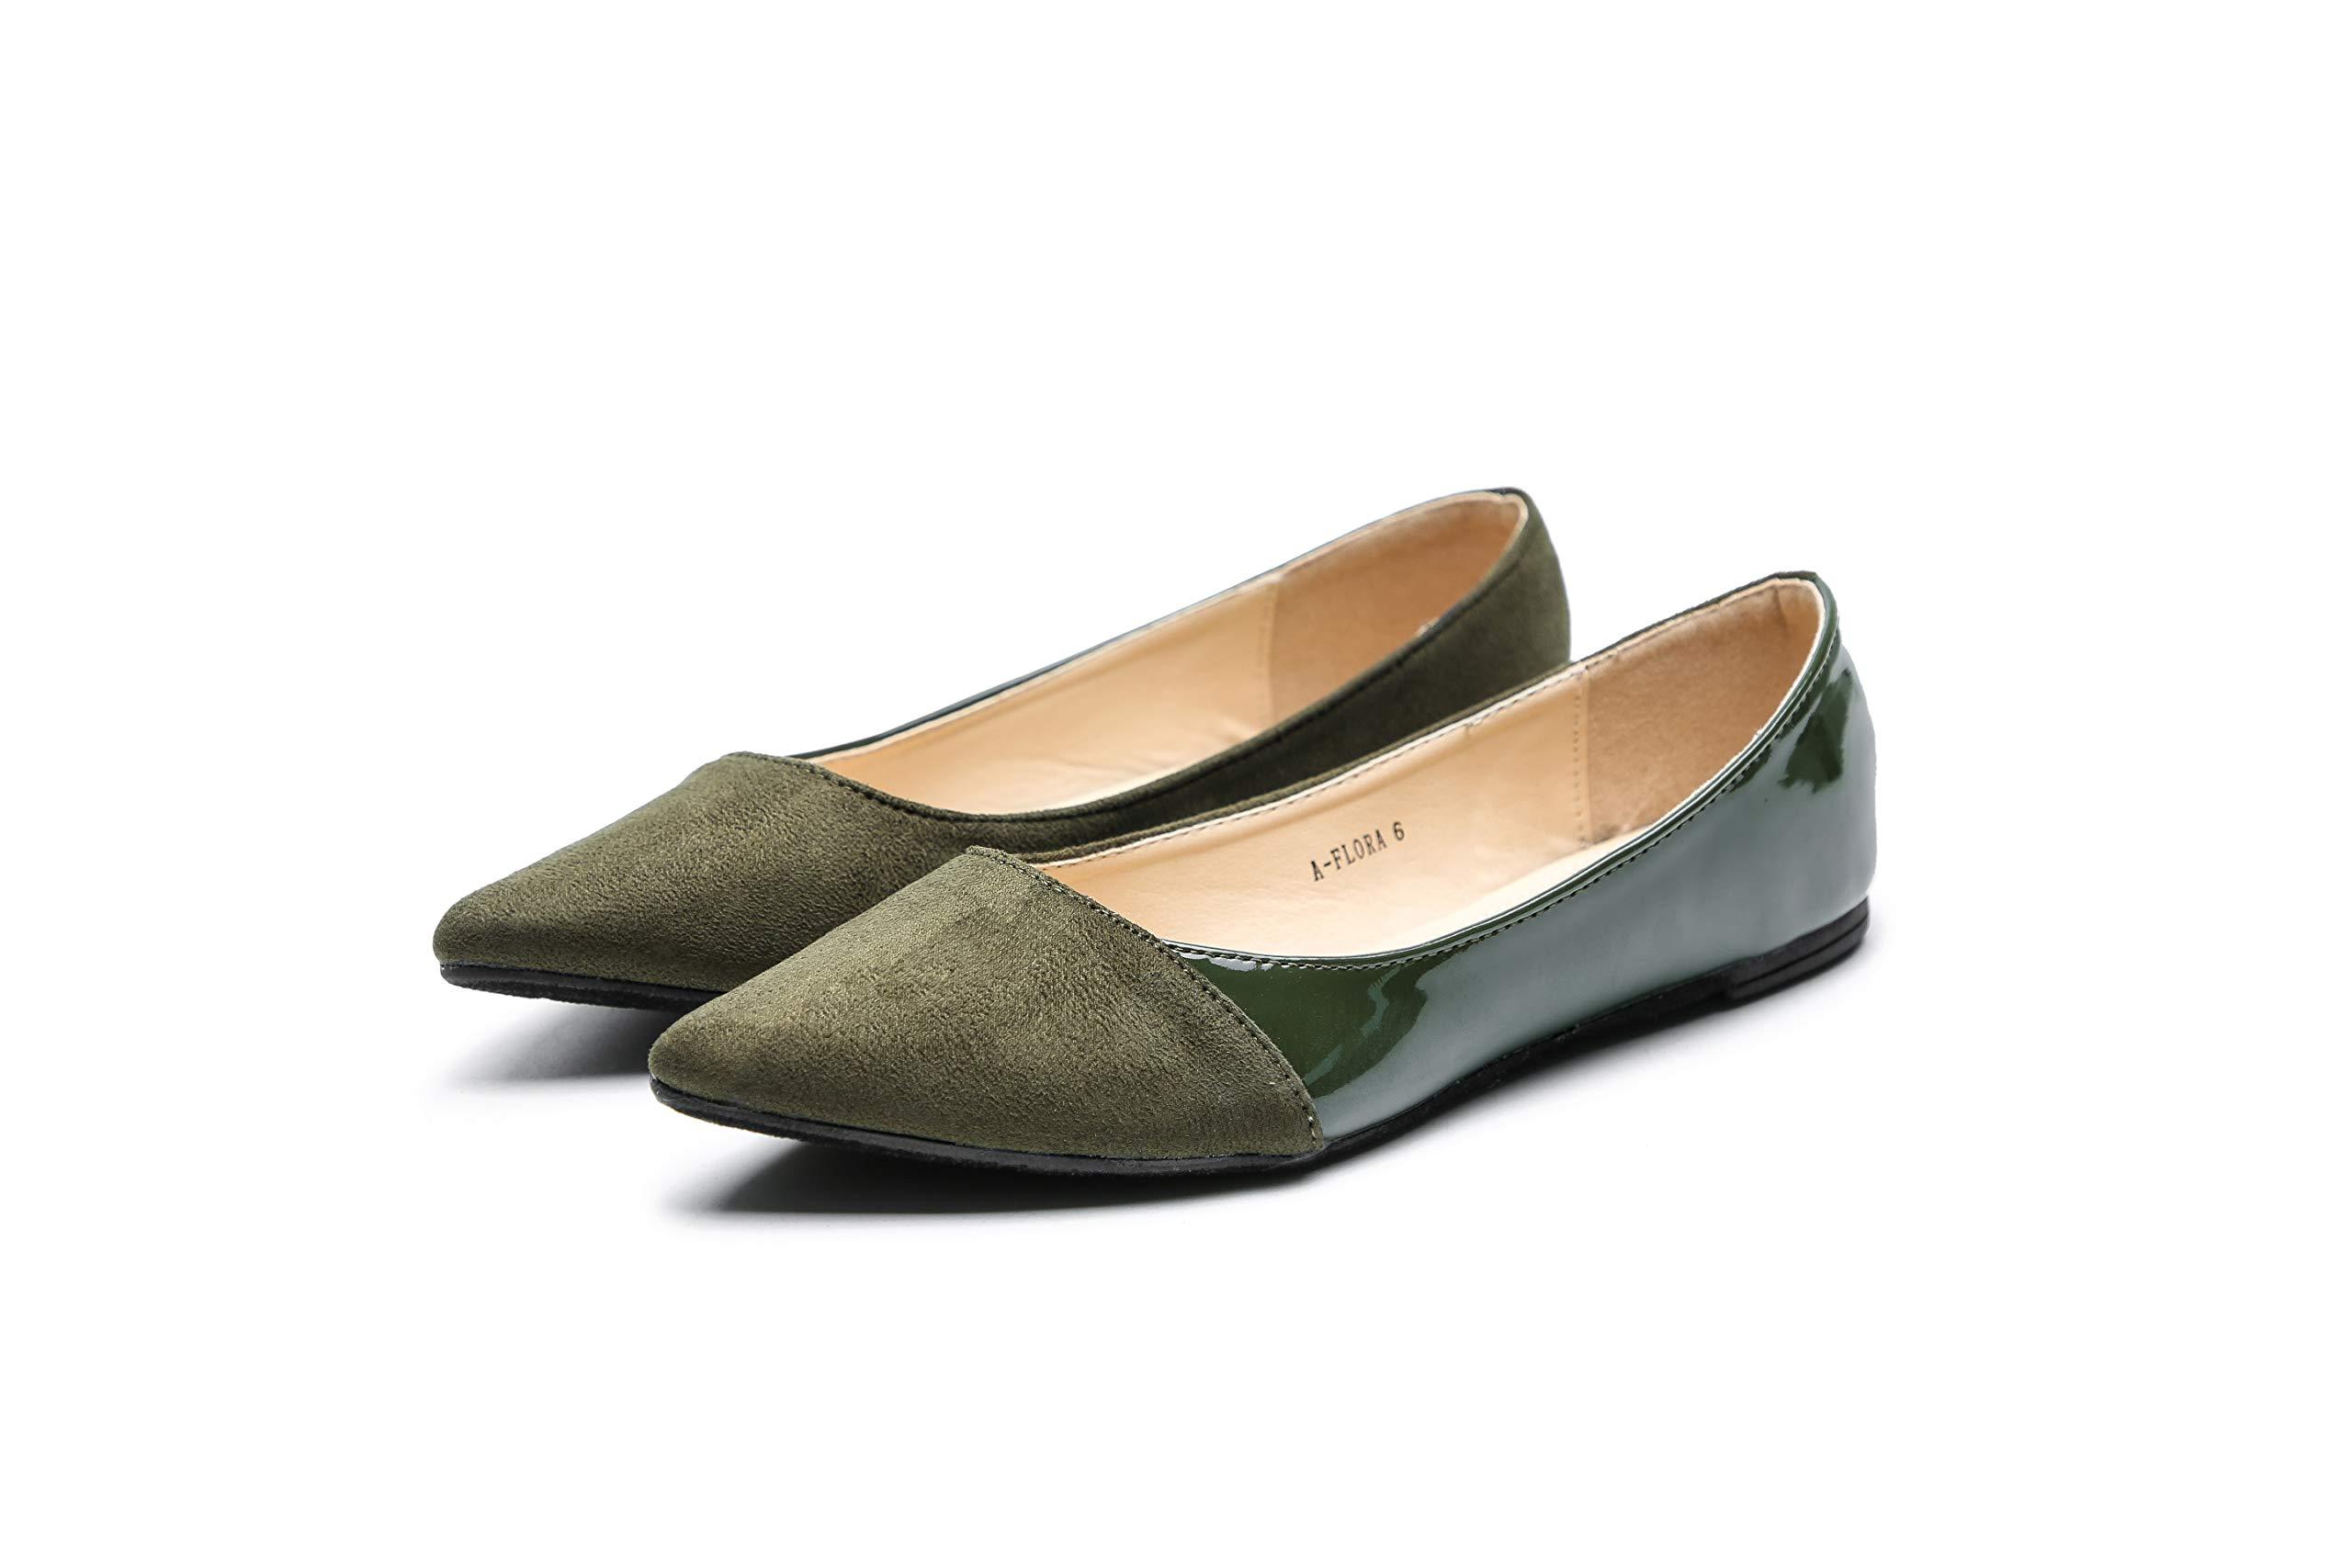 Mila Lady Flora 时尚麂皮*皮革尖头舒适一脚蹬芭蕾舞时髦平底鞋